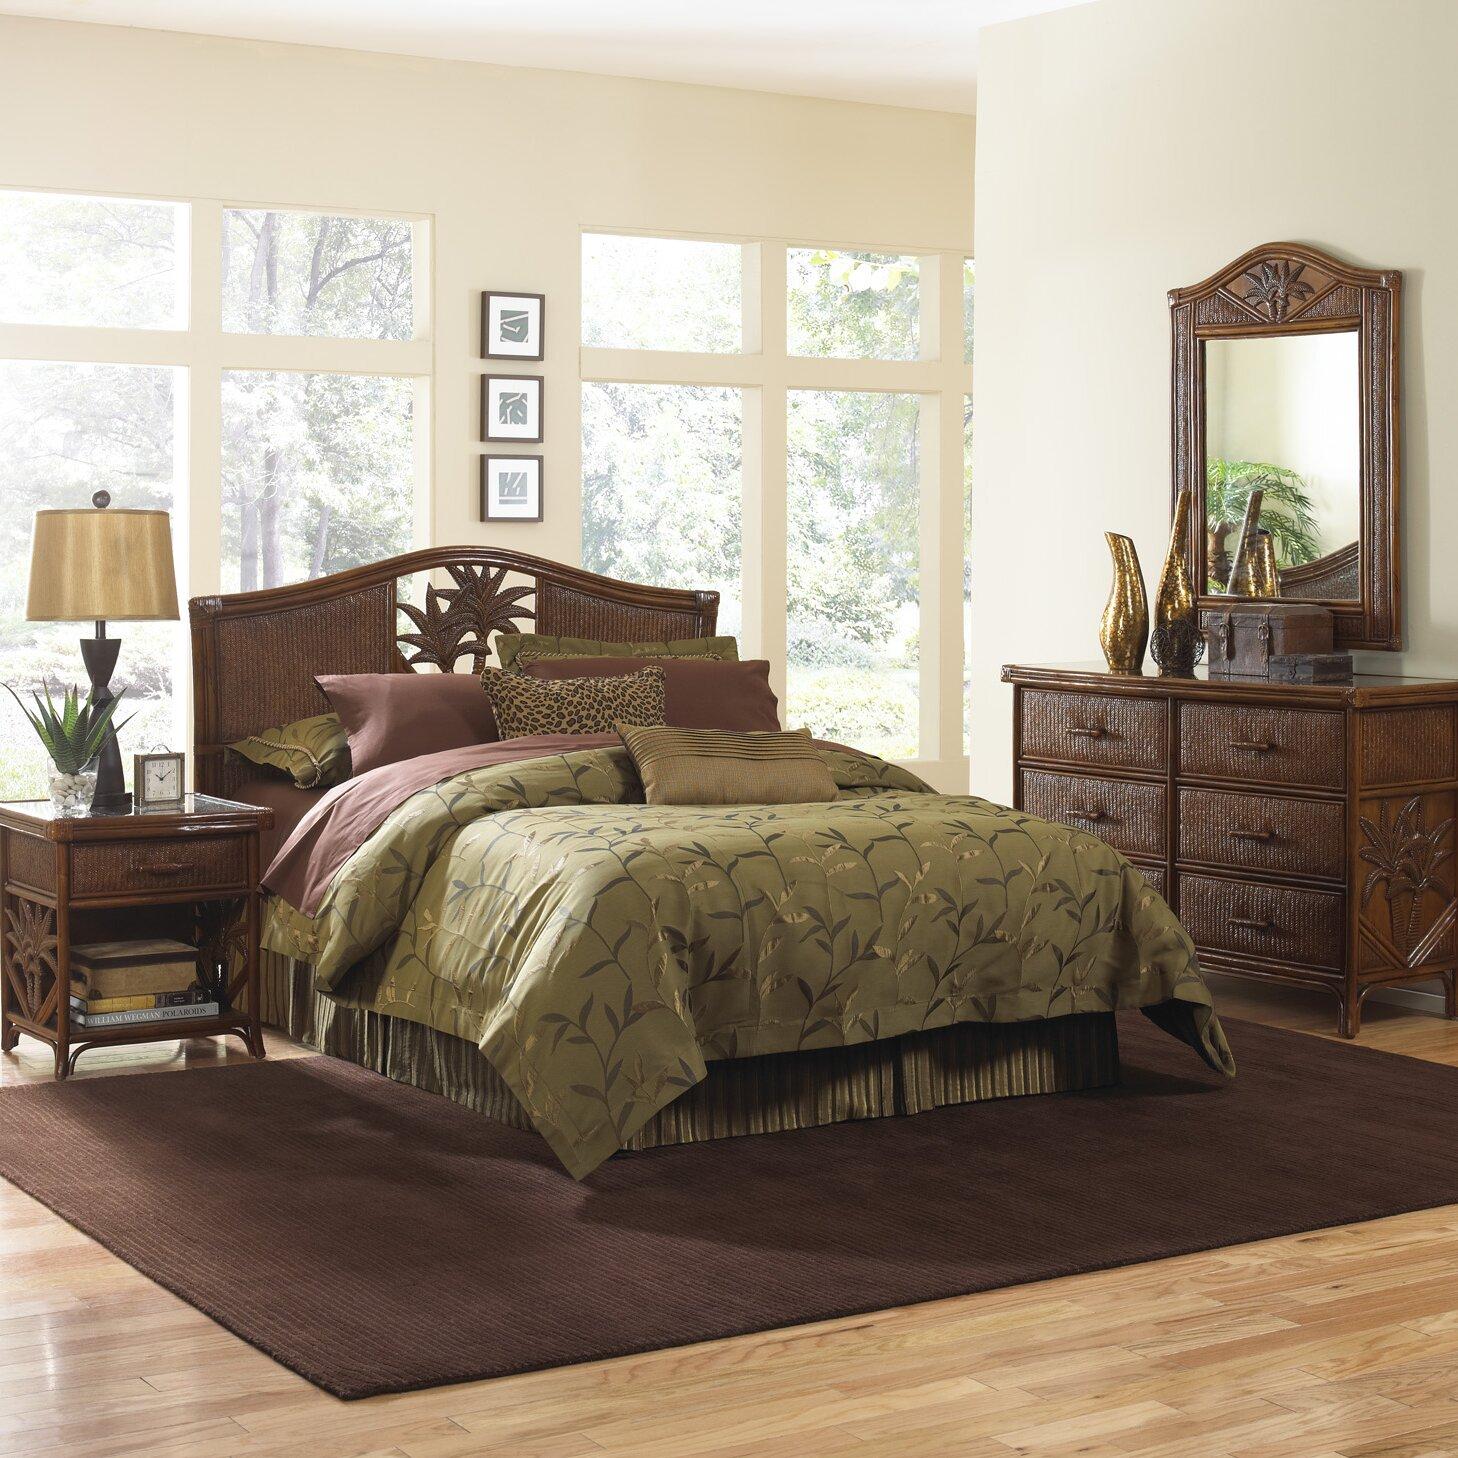 Kingston Bedroom Furniture Kingston Isle Bedroom Furniture Modroxcom